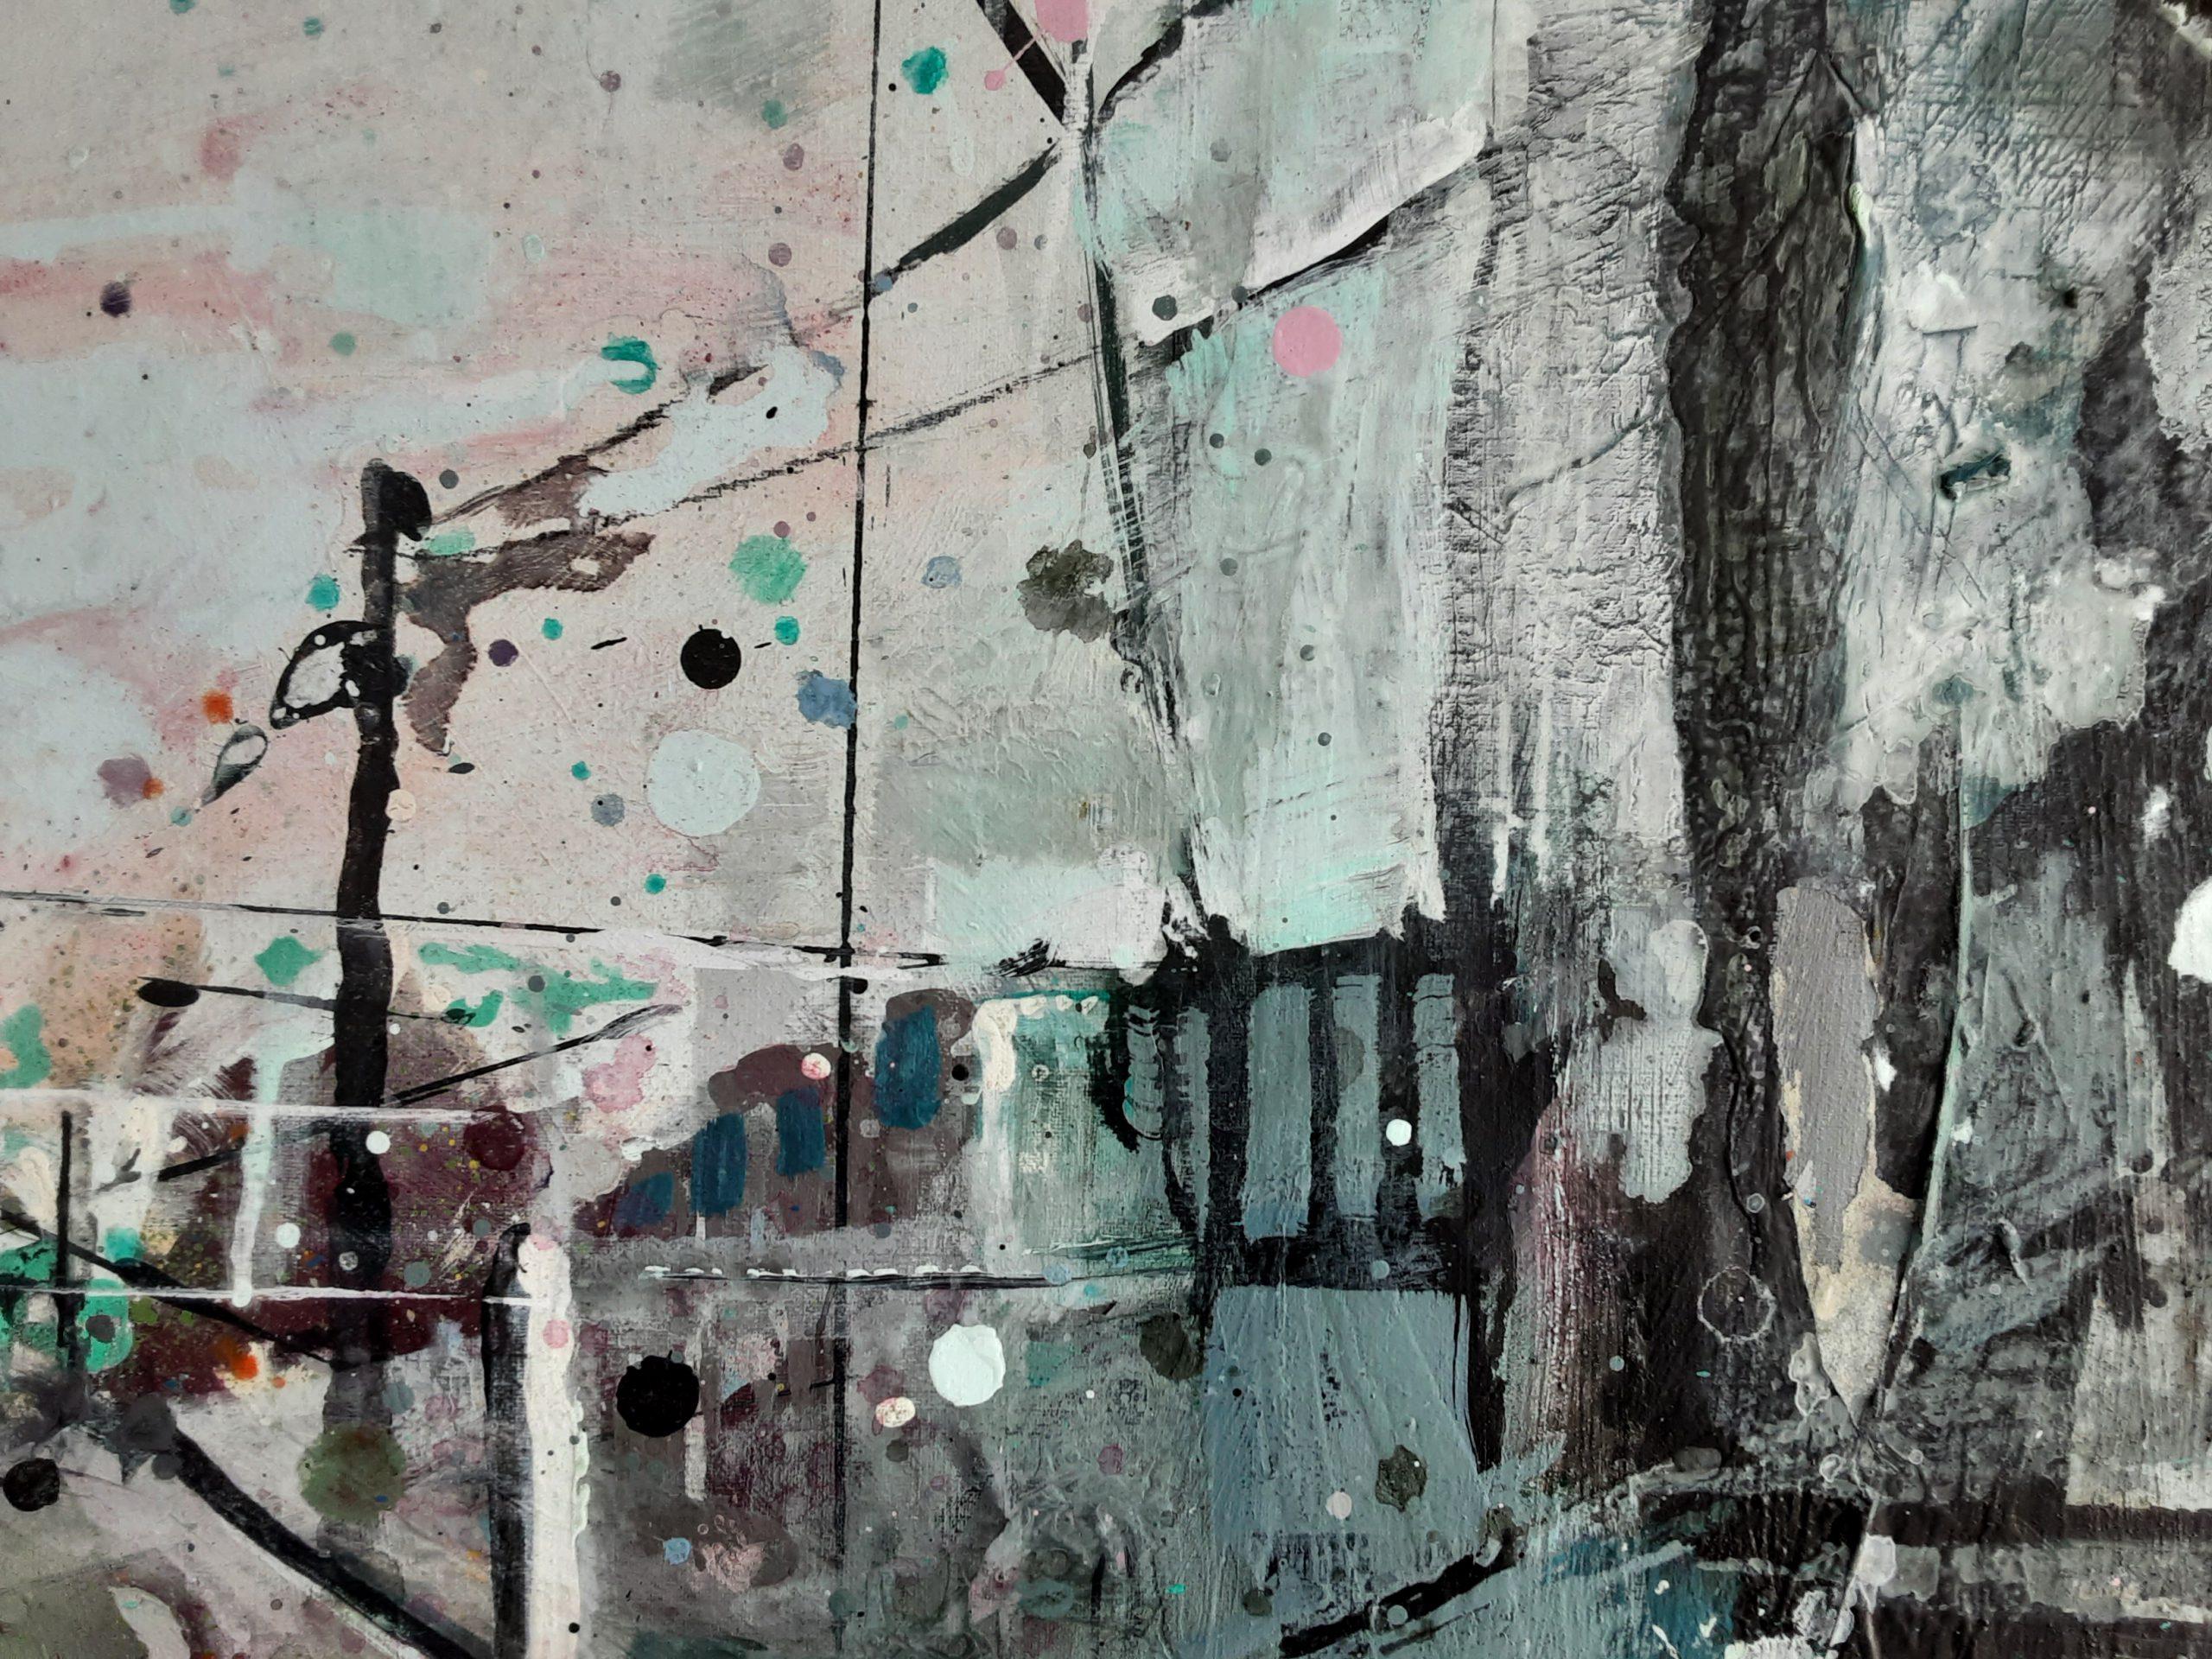 Kunst: 0 (zero) van kunstenaar Anneke Koster